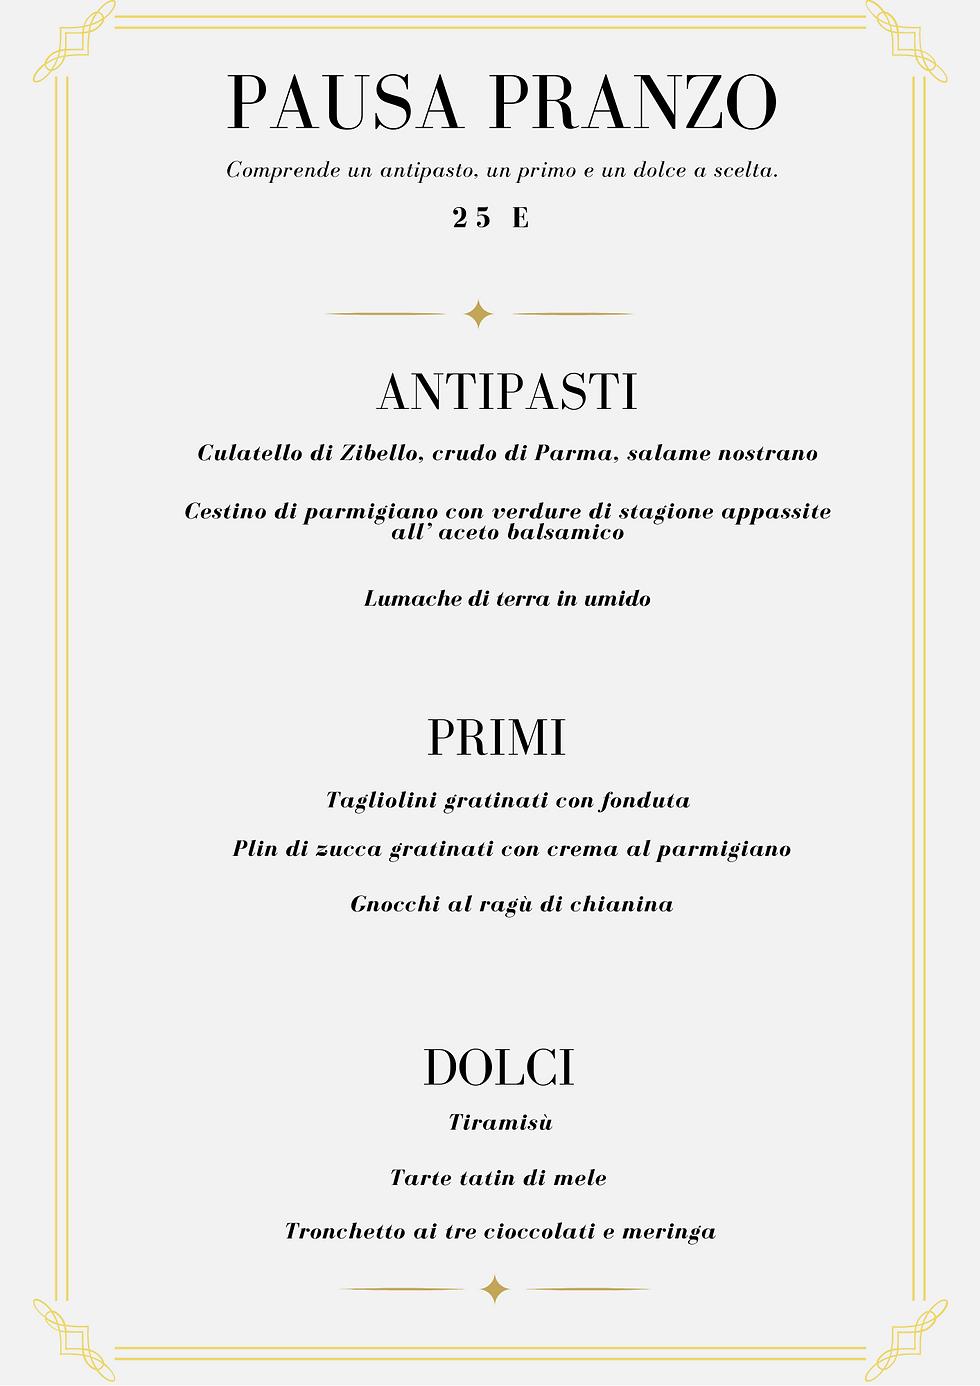 menu 26_10 (2).png